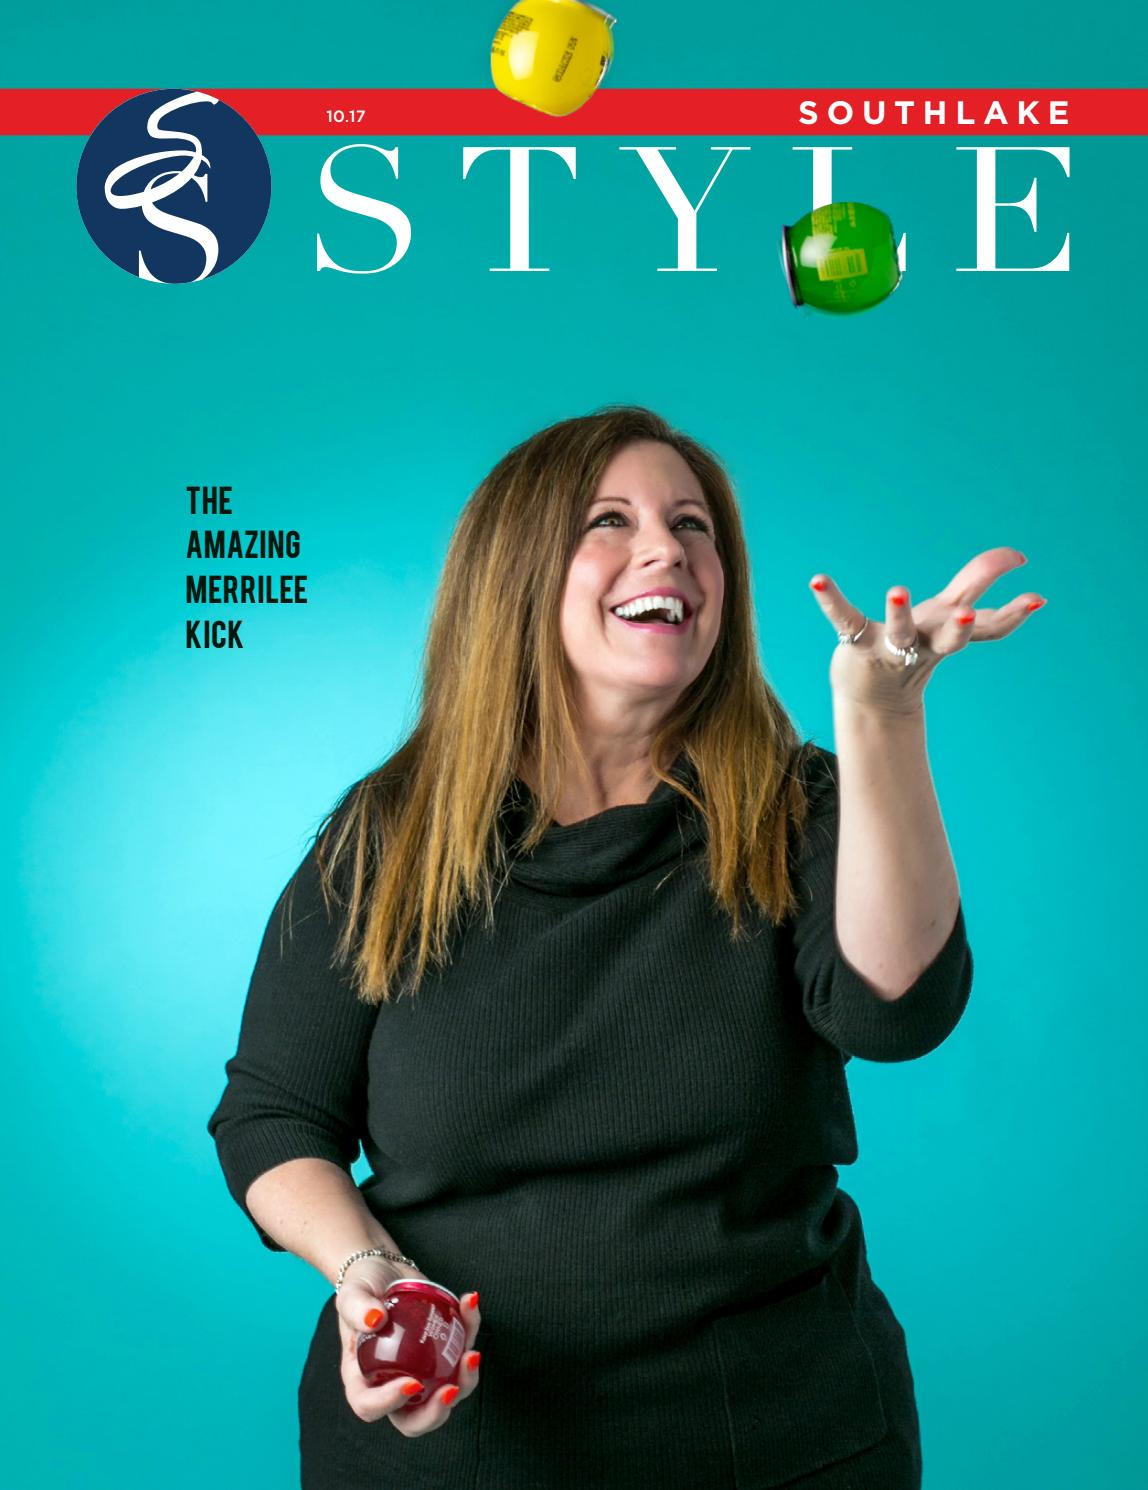 Southlake Style October 2017 by Southlake Style Magazine - issuu